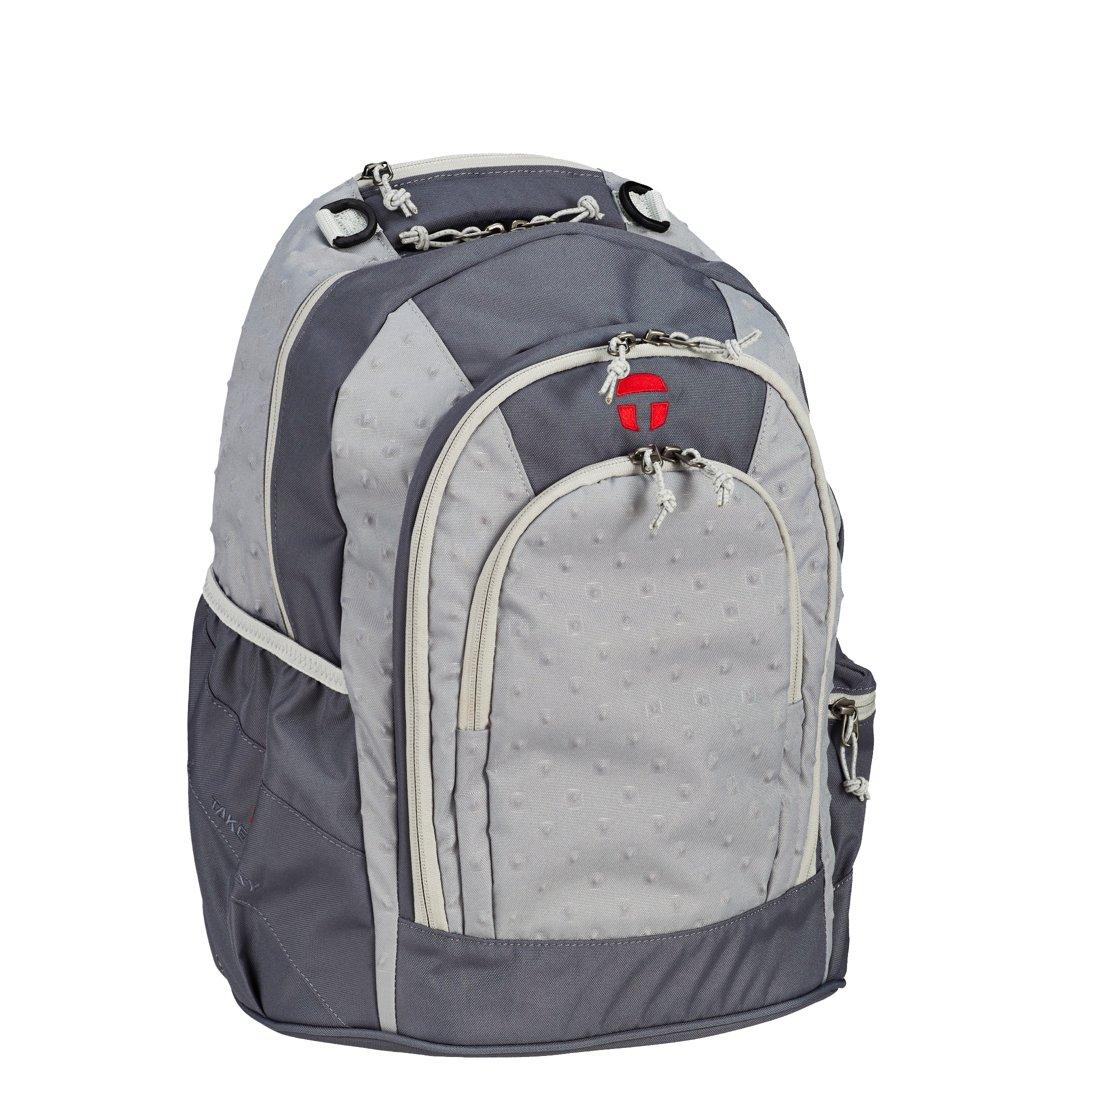 d7e6536360dd9 Take it Easy Actionbags Schulrucksack Berlin 48 cm - zoom - koffer-direkt.de